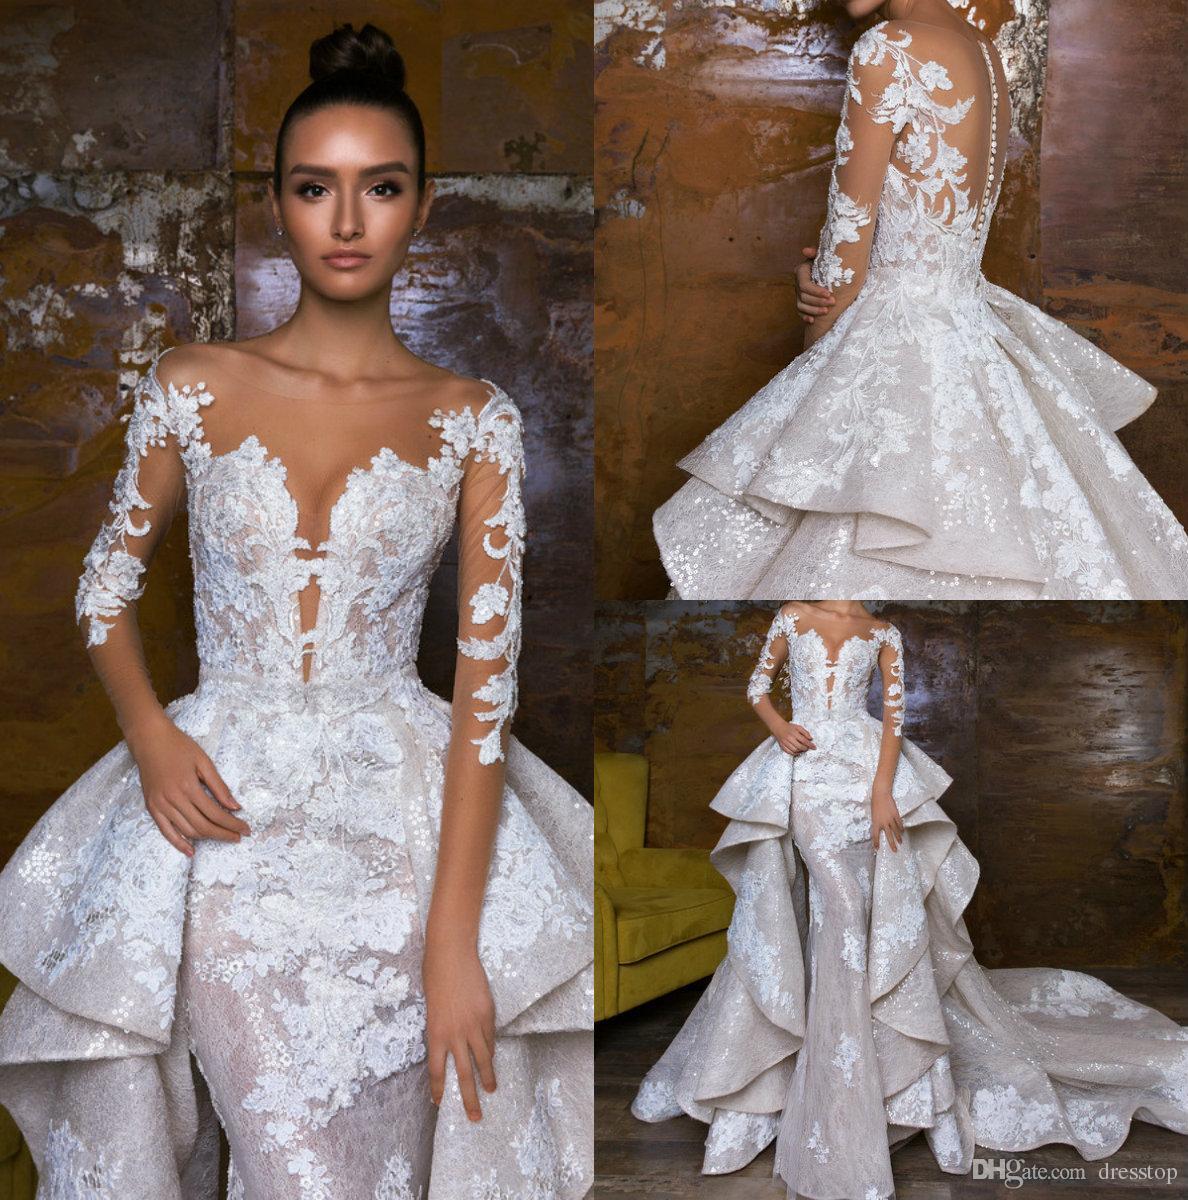 5923dcbf6 Vestidos Para Casamento No Civil Lindo Sereia Vestidos De Casamento Com  Trem Destacável Robe De Mariée Vestidos De Noiva De Renda Vestido De Noiva  De Manga ...